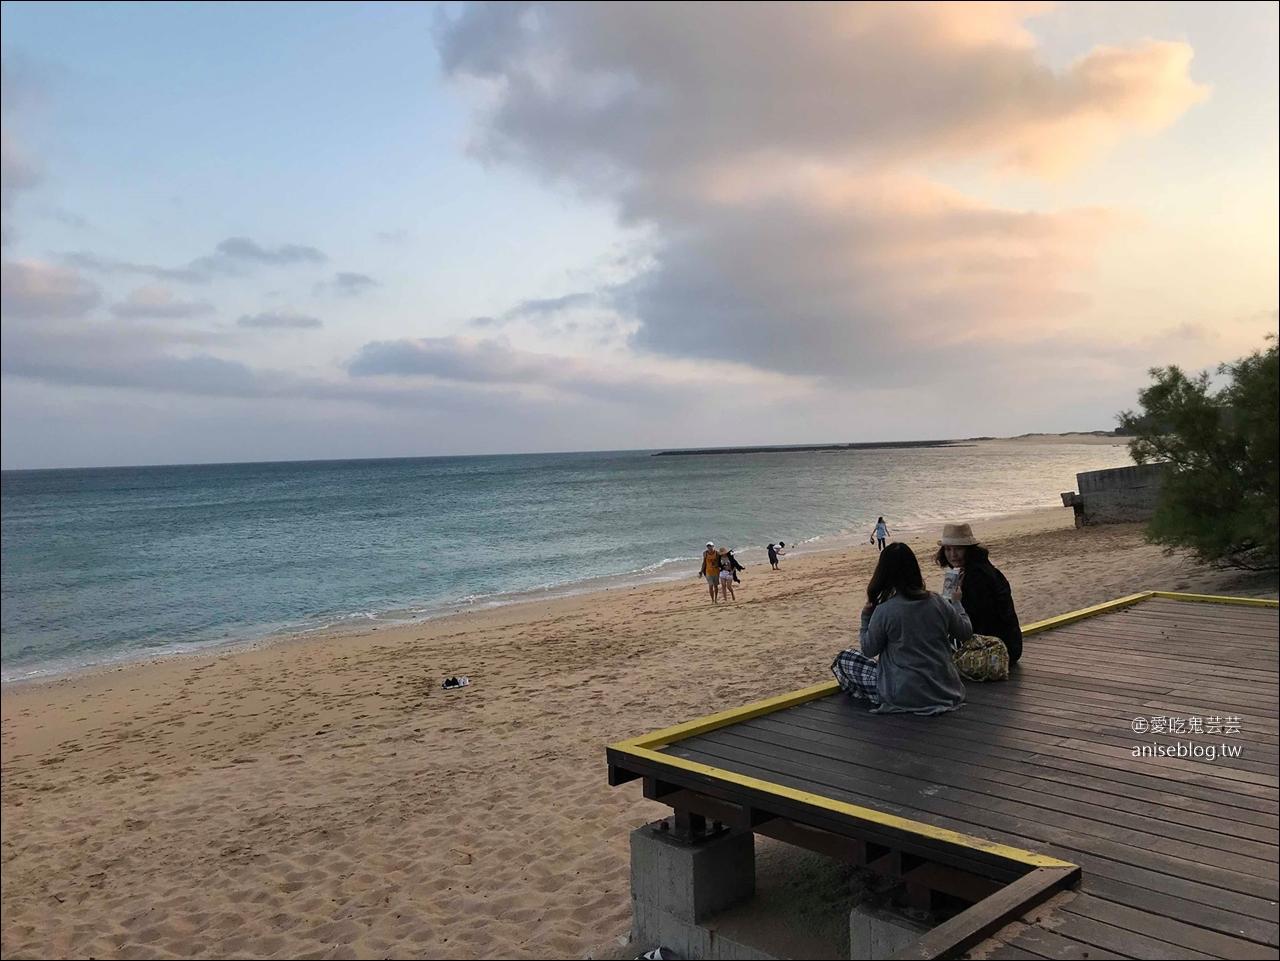 澎湖絕景咖啡館   及林春咖啡館,擁有一整片沙灘與海洋的美好